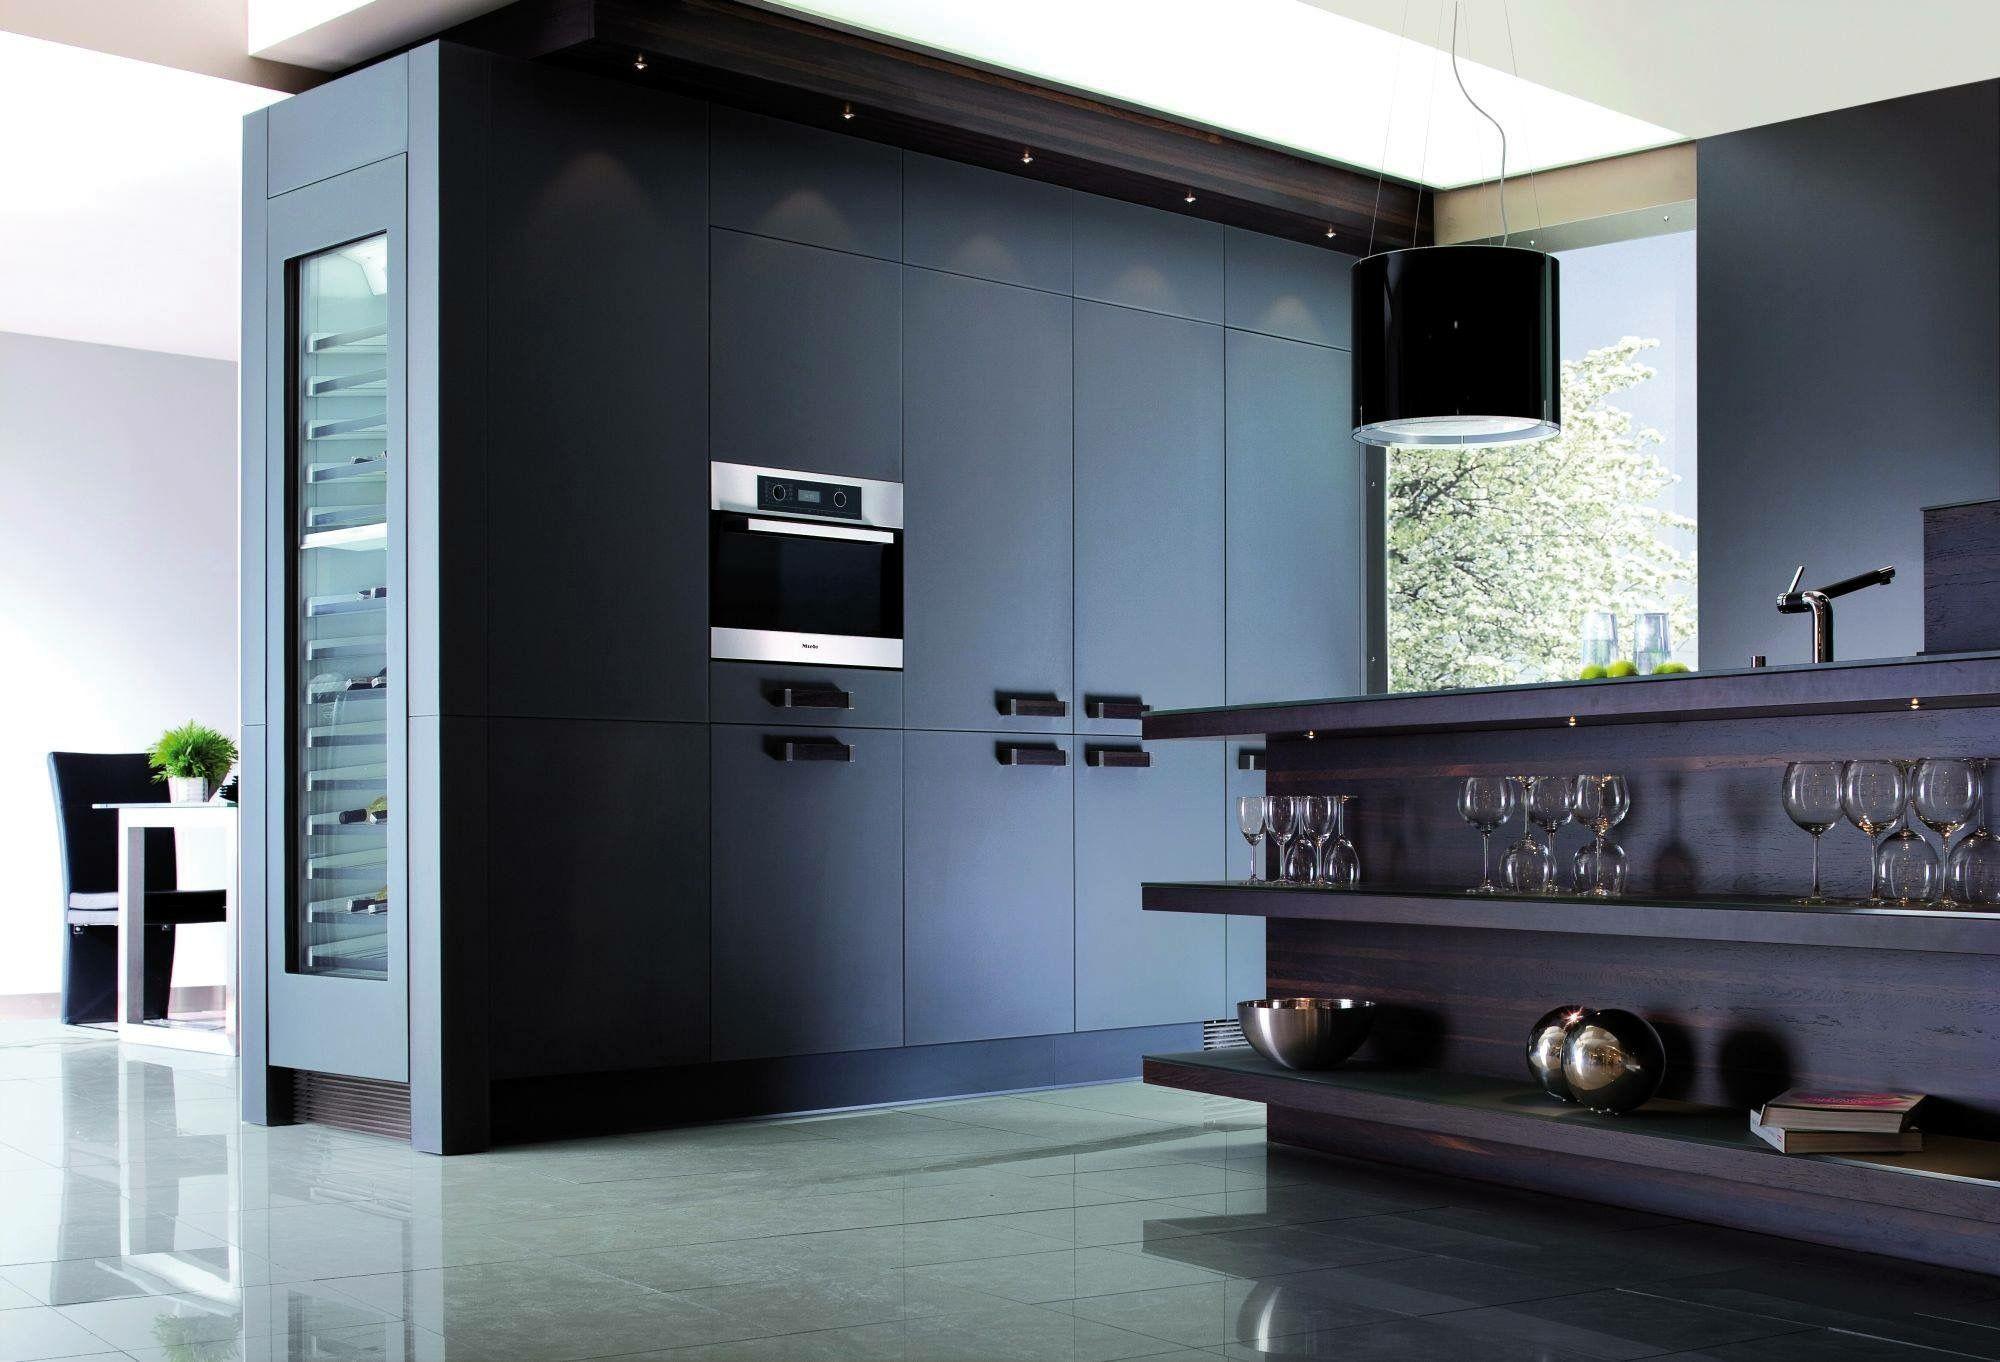 Projekt kuchni Inventive Interiors - biel i czerń w wąskiej kuchni ...